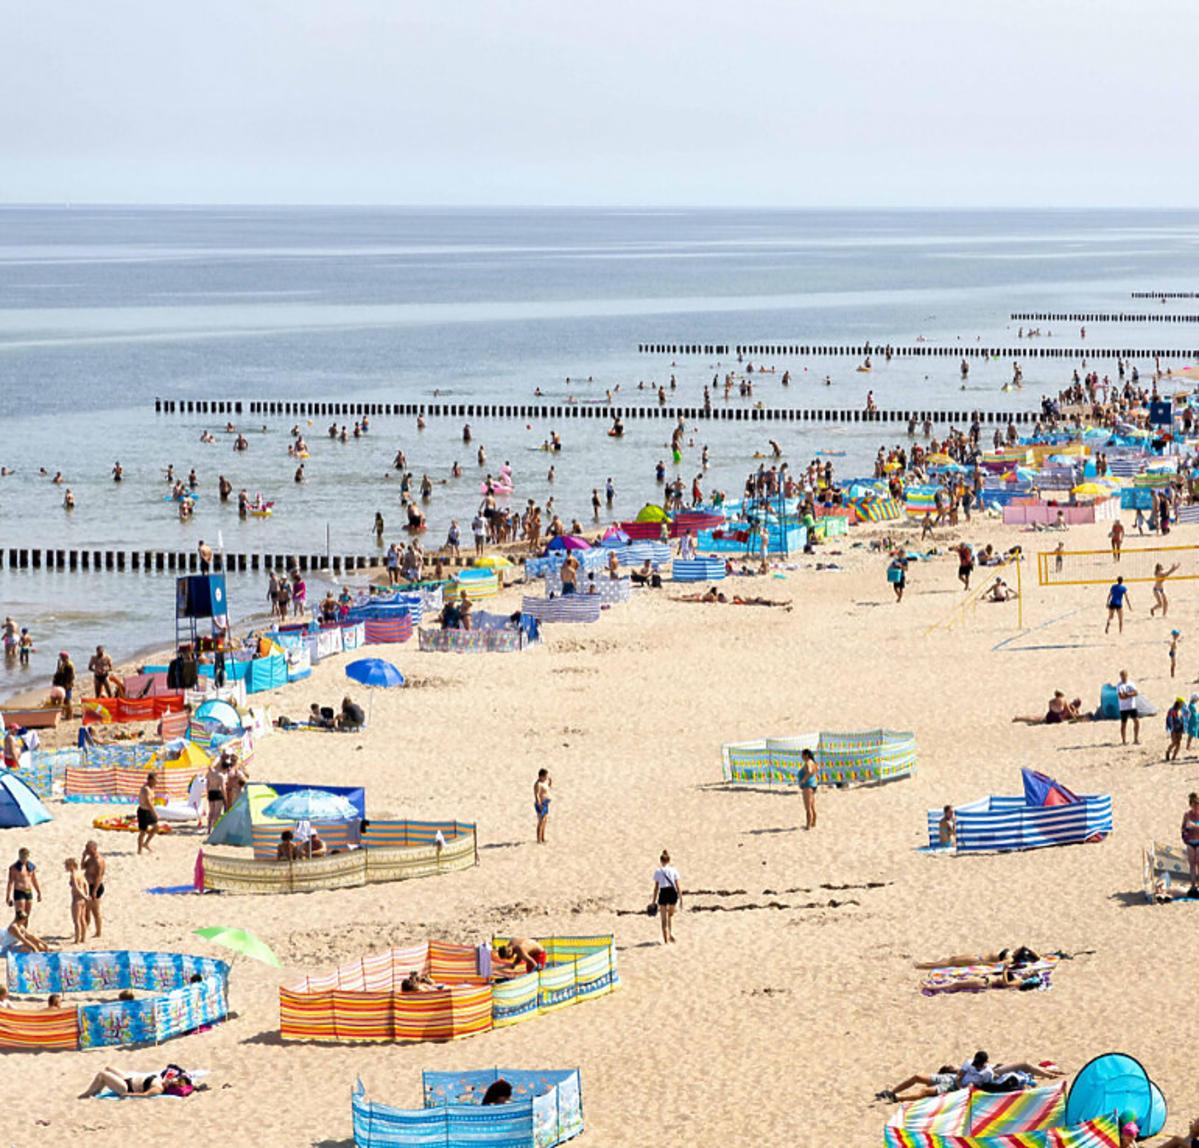 Tłumy turystów na plaży